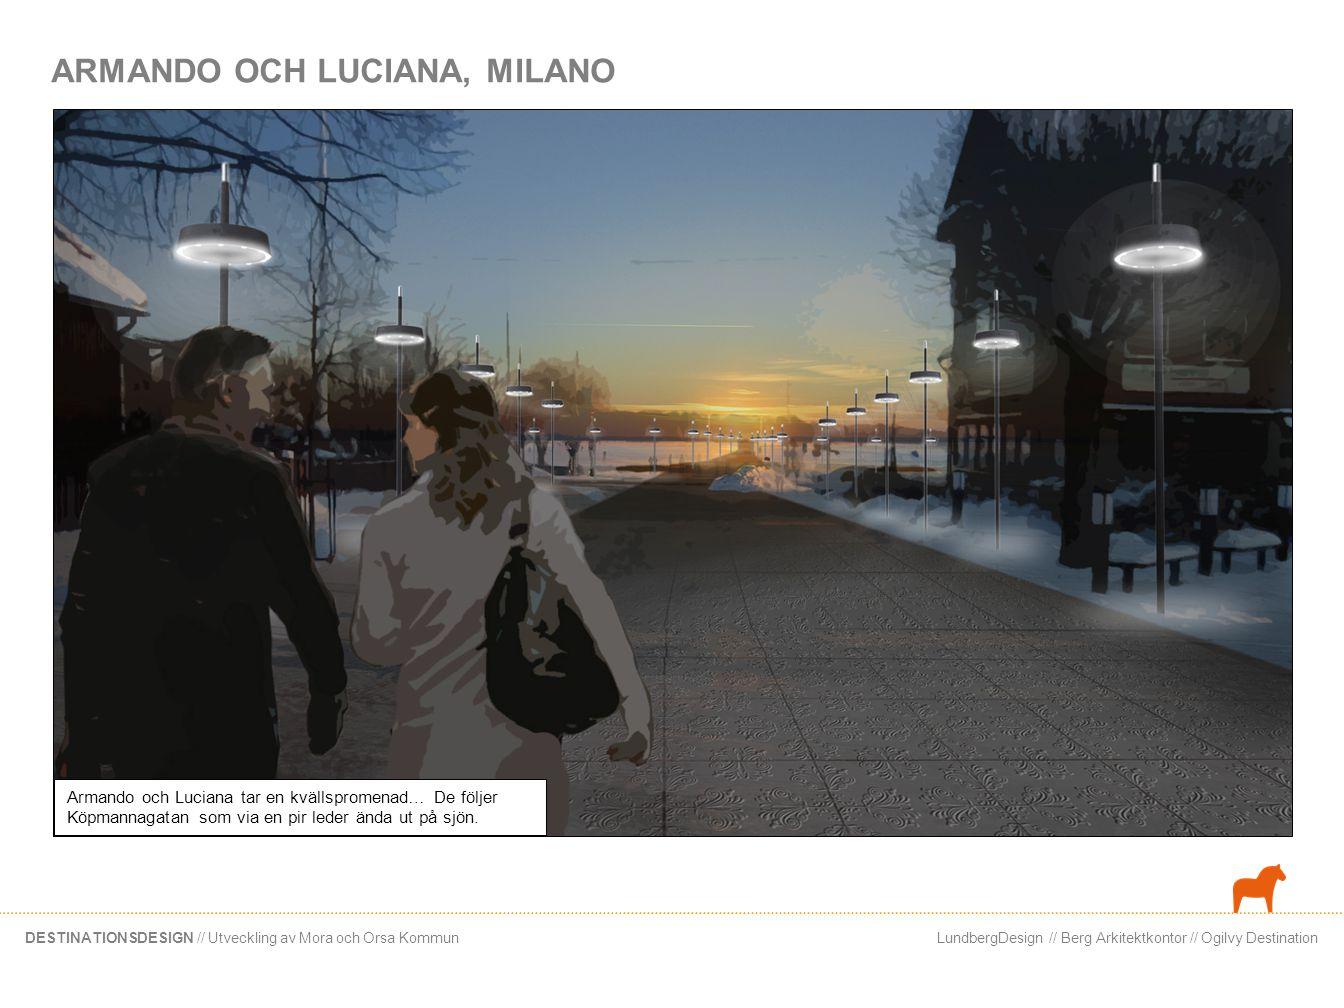 LundbergDesign // Berg Arkitektkontor // Ogilvy DestinationDESTINATIONSDESIGN // Utveckling av Mora och Orsa Kommun Armando och Luciana tar en kvällsp